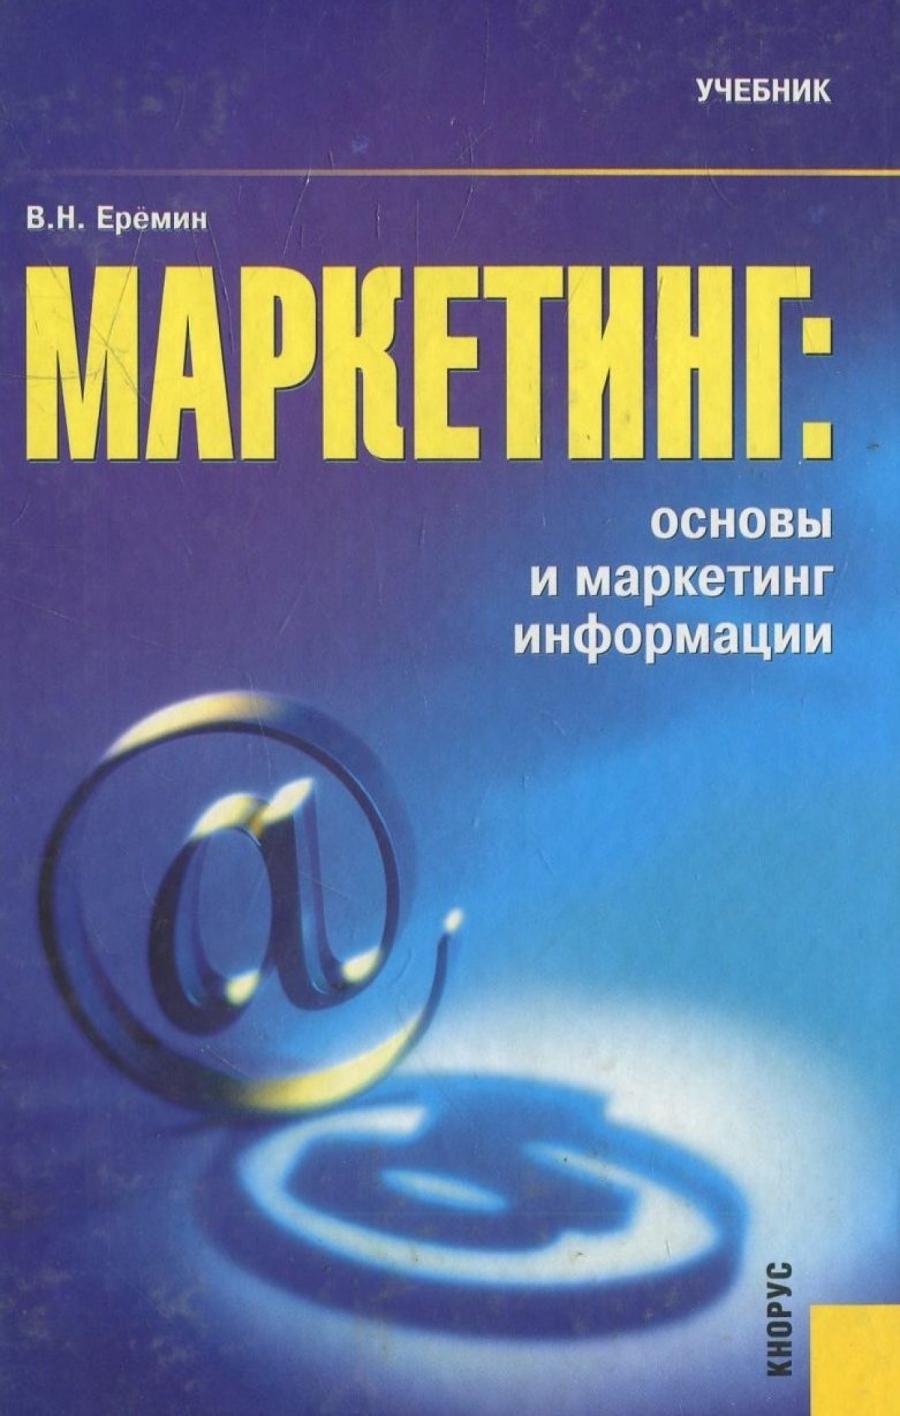 Обложка книги:  еремин в.н. - маркетинг: основы и маркетинг информации: учебник